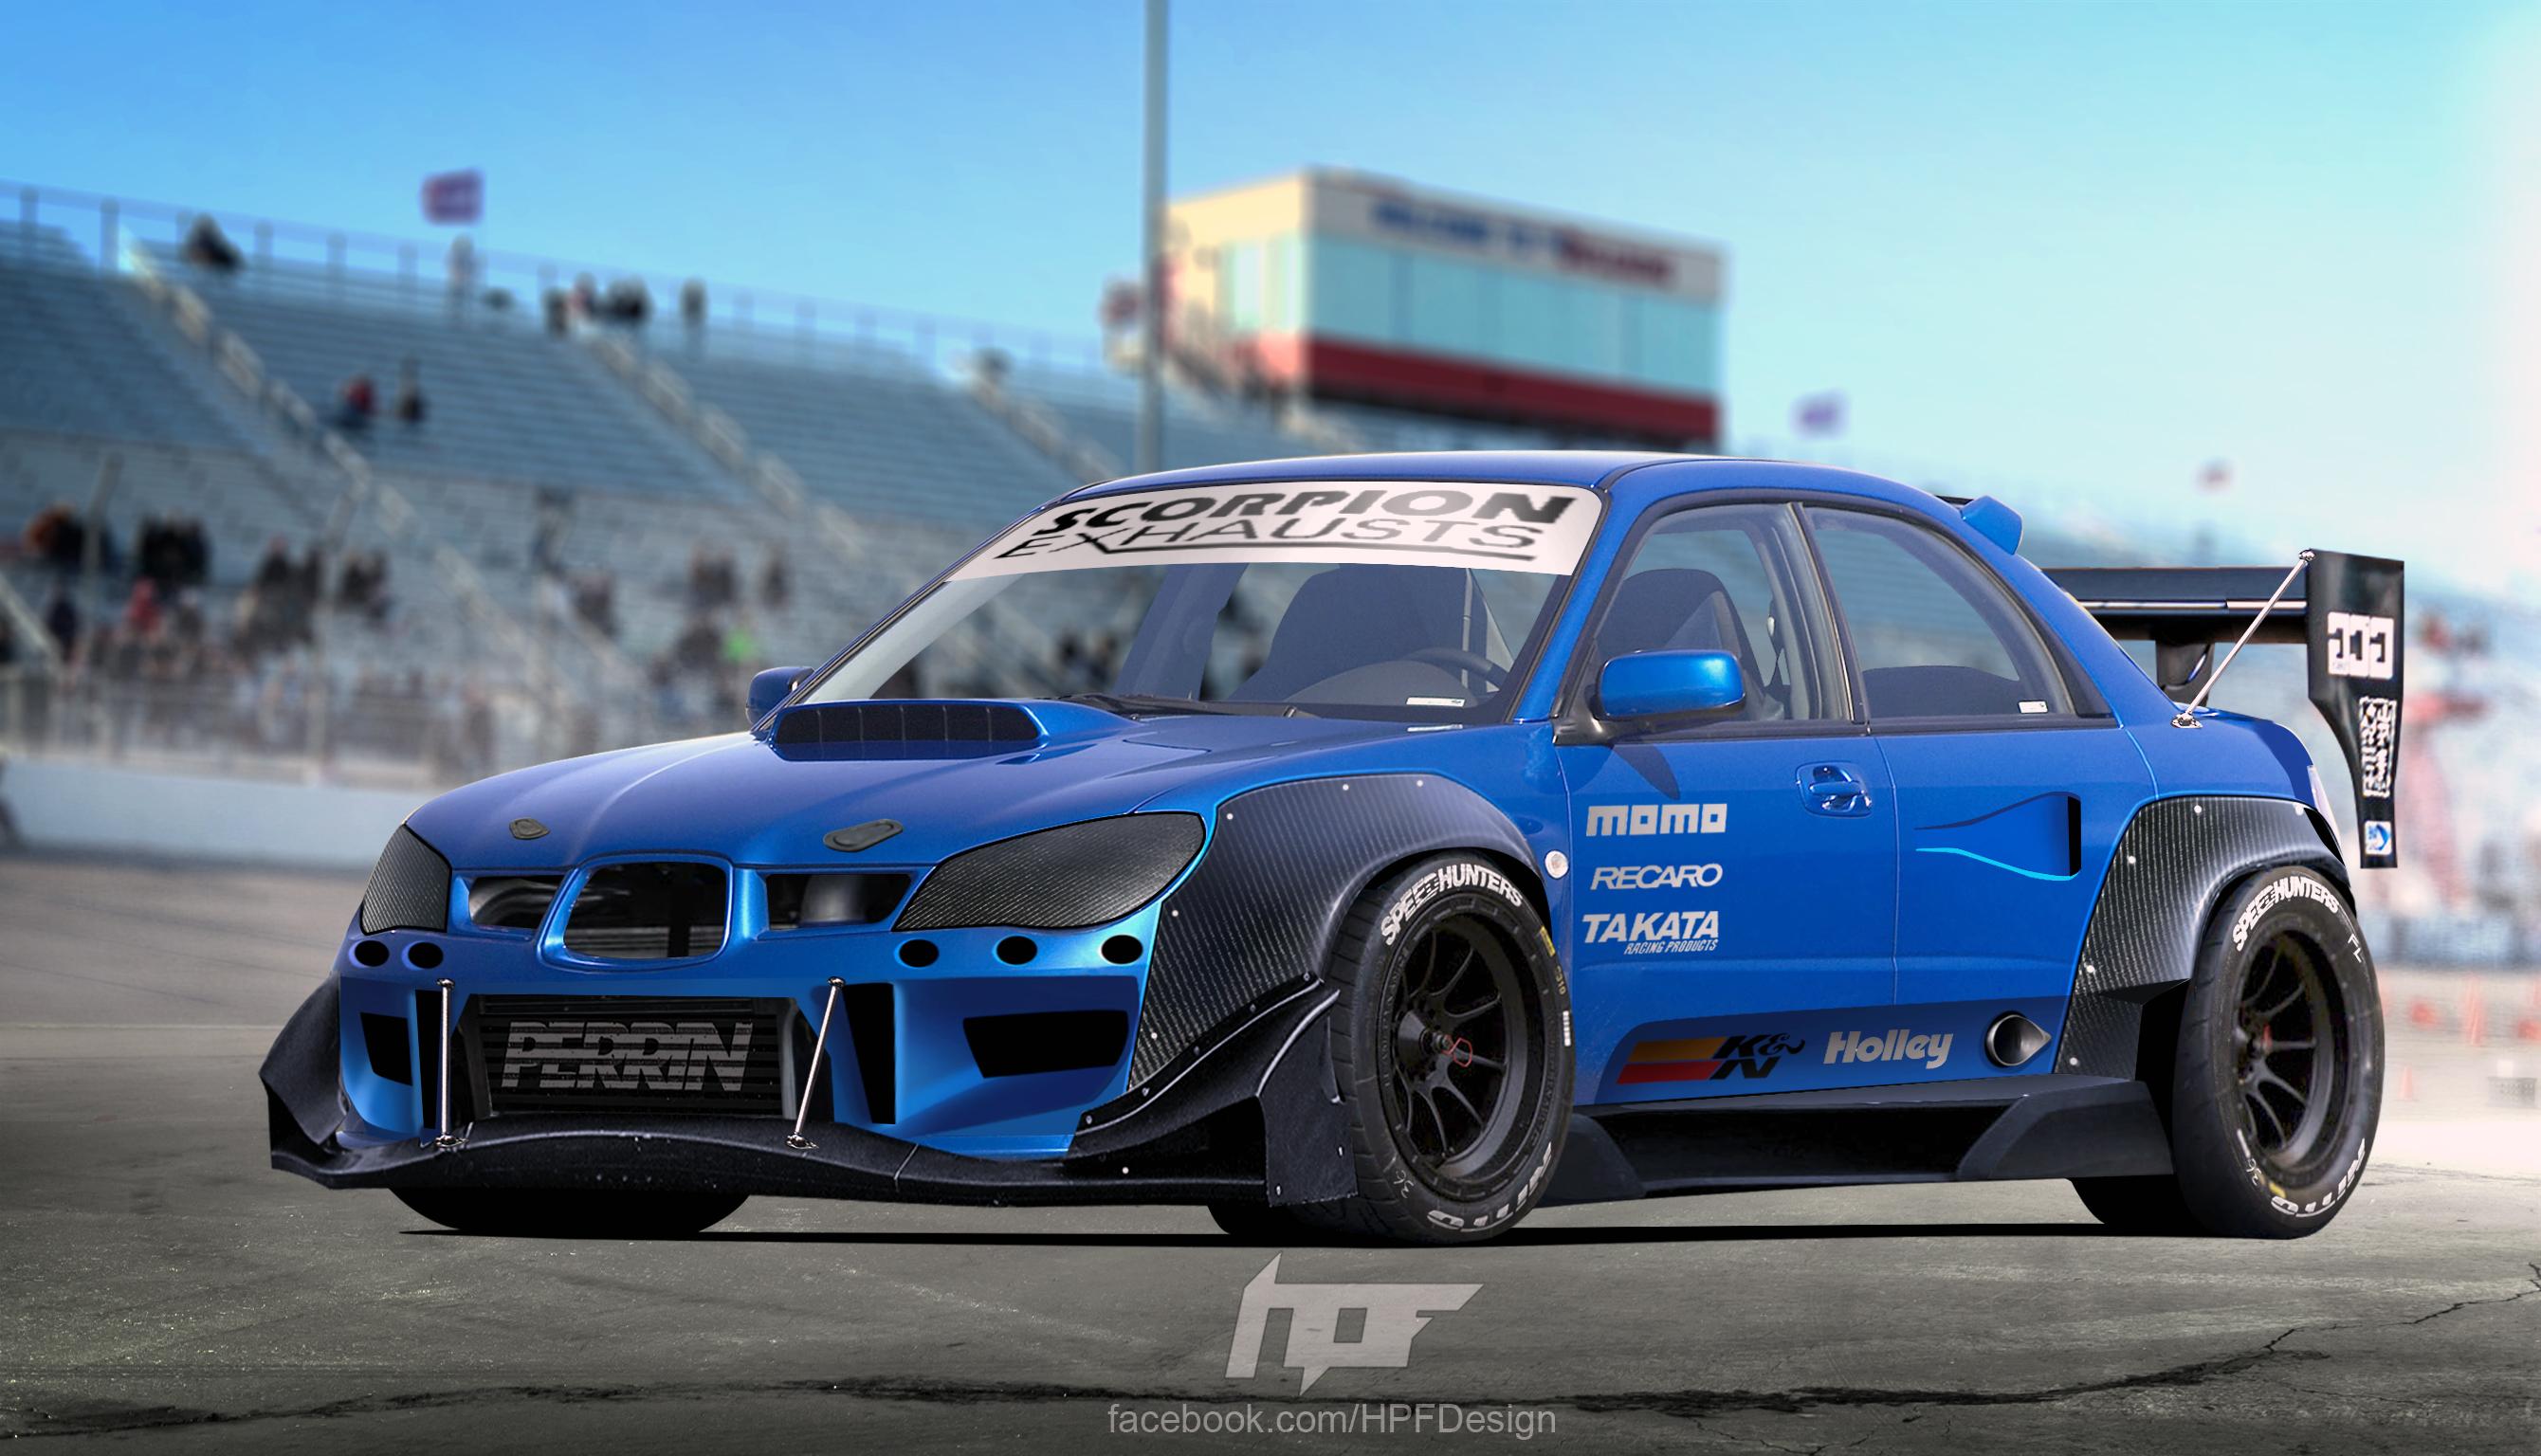 Subaru Race Car >> Subaru Impreza Sti Racecar